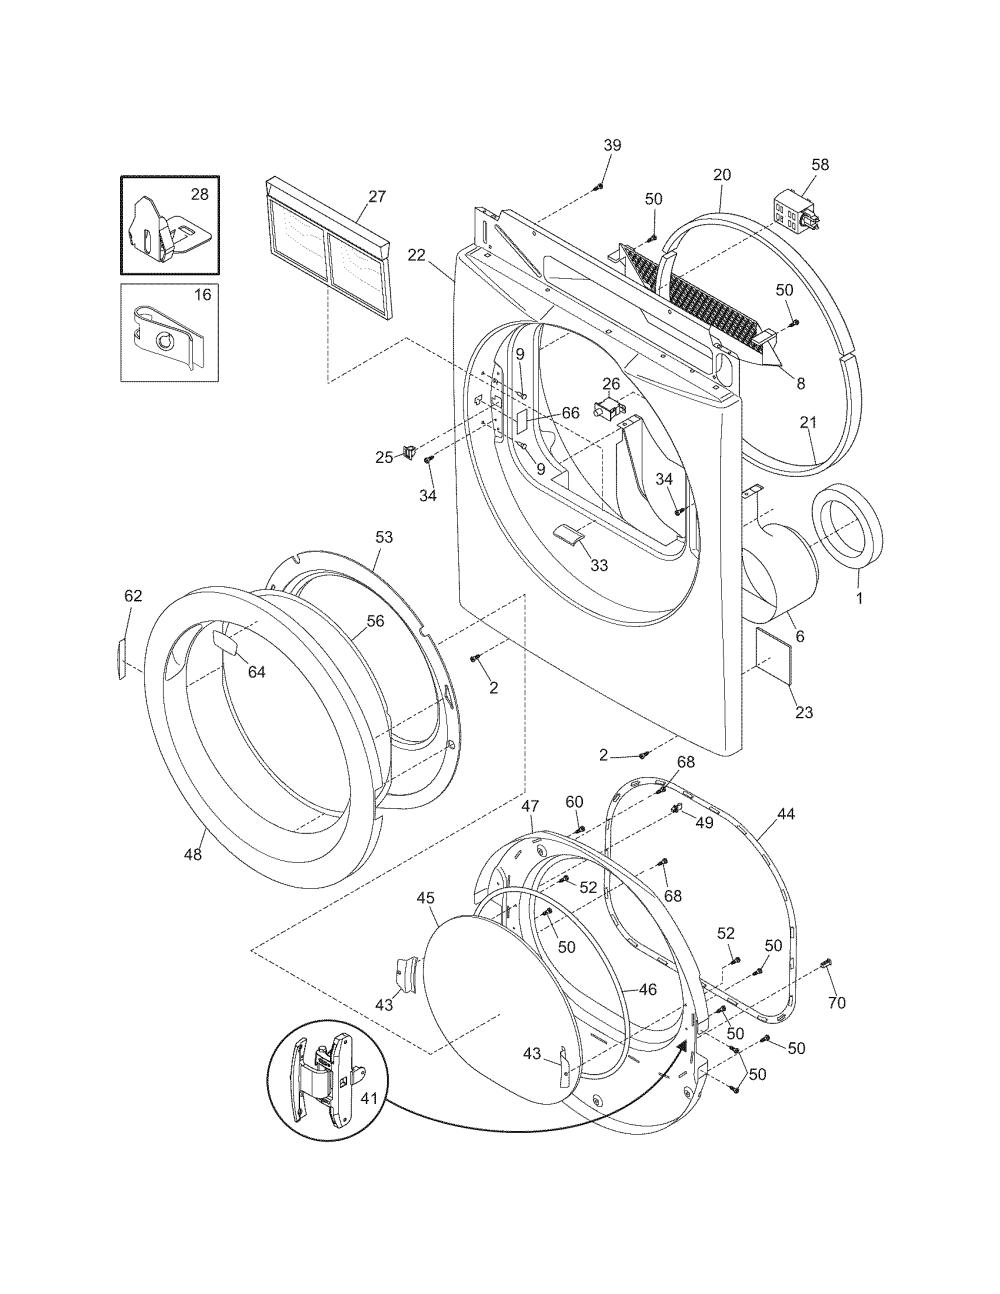 medium resolution of frigidaire gleq2152eso dryer wiring diagram wire management wiring diagram for frigidaire dryer